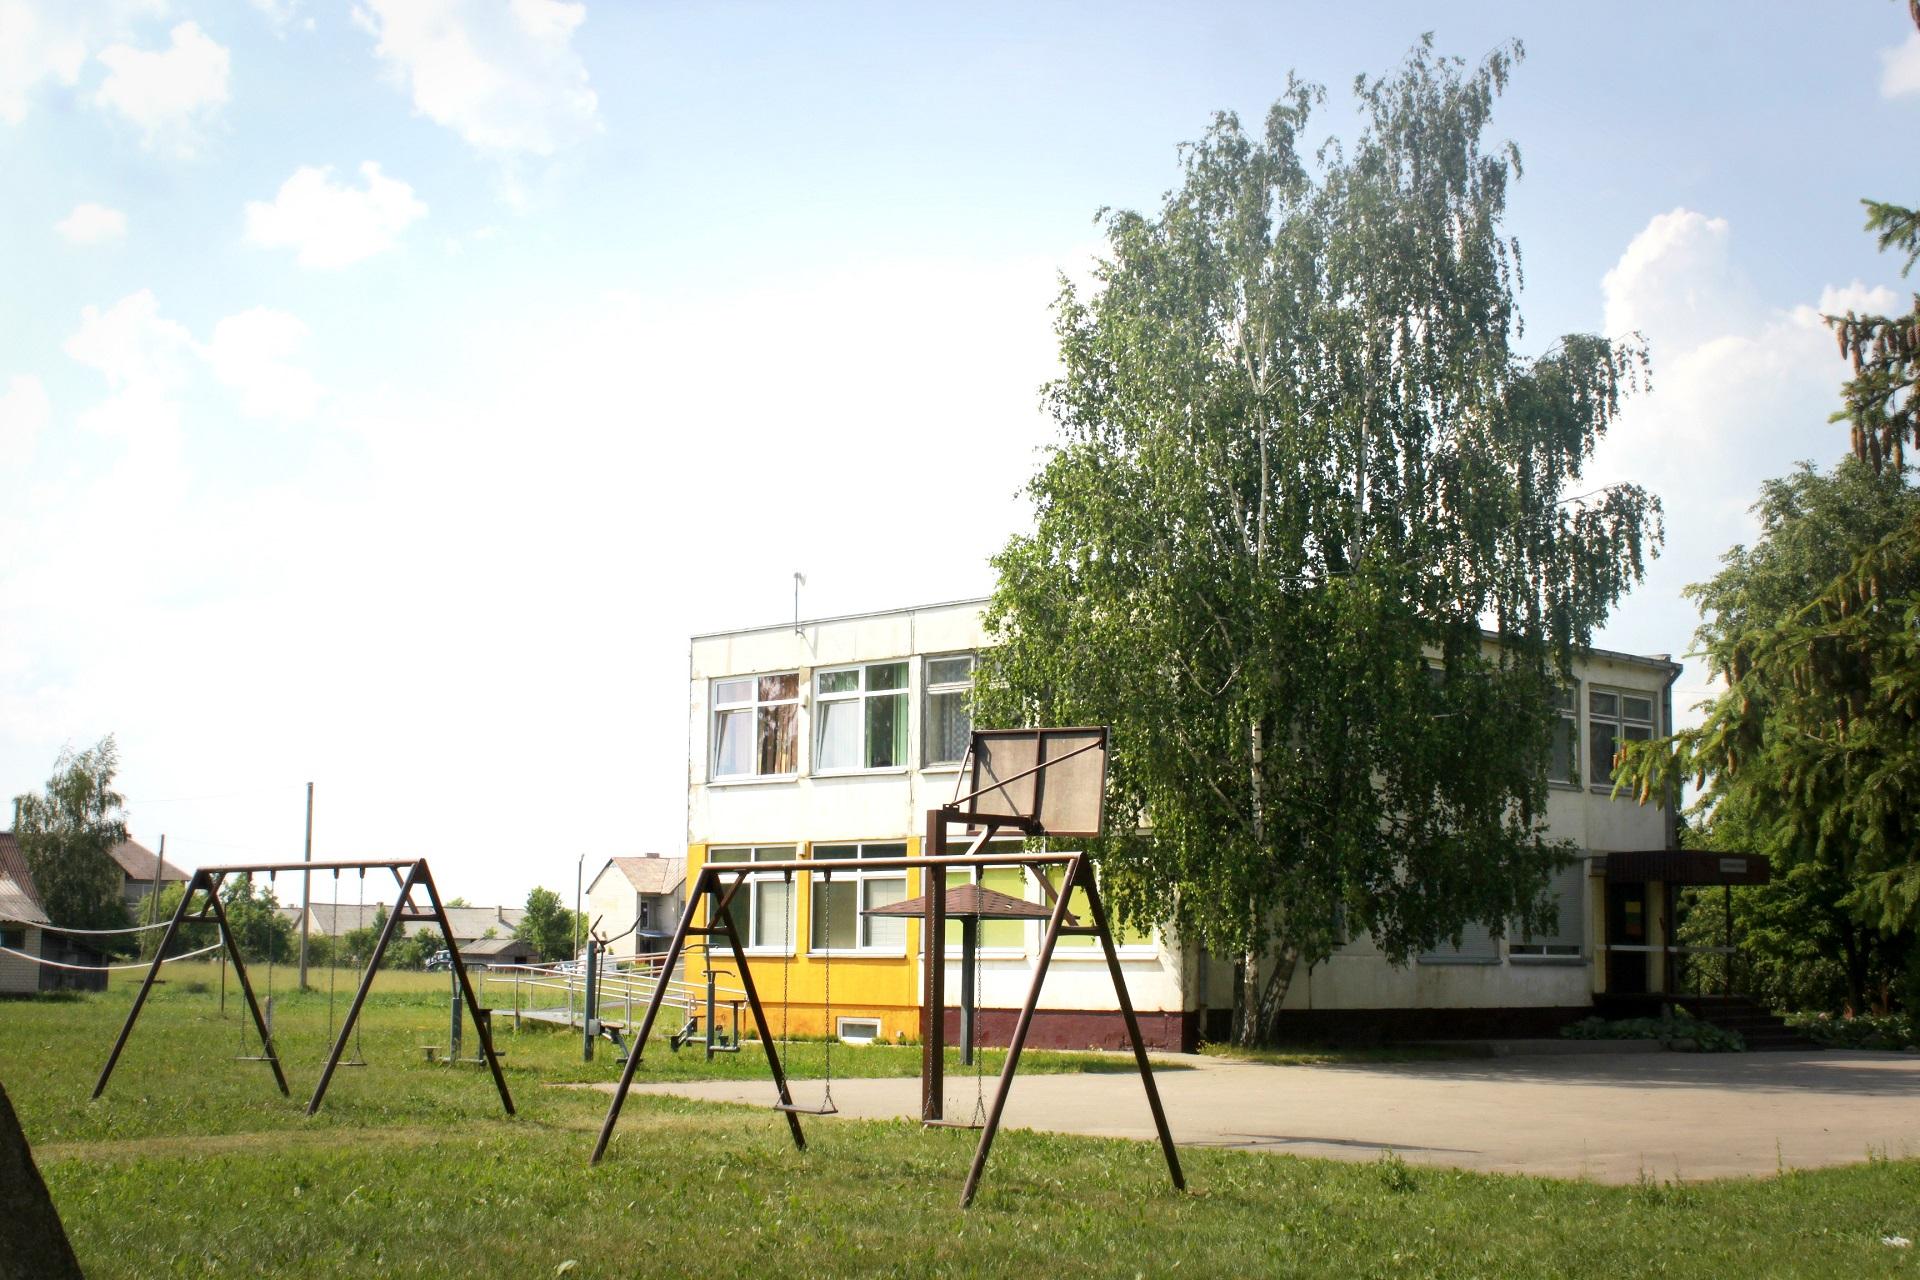 Bendruomenės namų teritorijoje yra krepšinio aikštelė, sūpynės, treniruokliai. Pastato viduje įsikūrusi biblioteka, medicinos punktas ir erdvės renginiams ar užsiėmimams. V. Petrilevičienės nuotr.